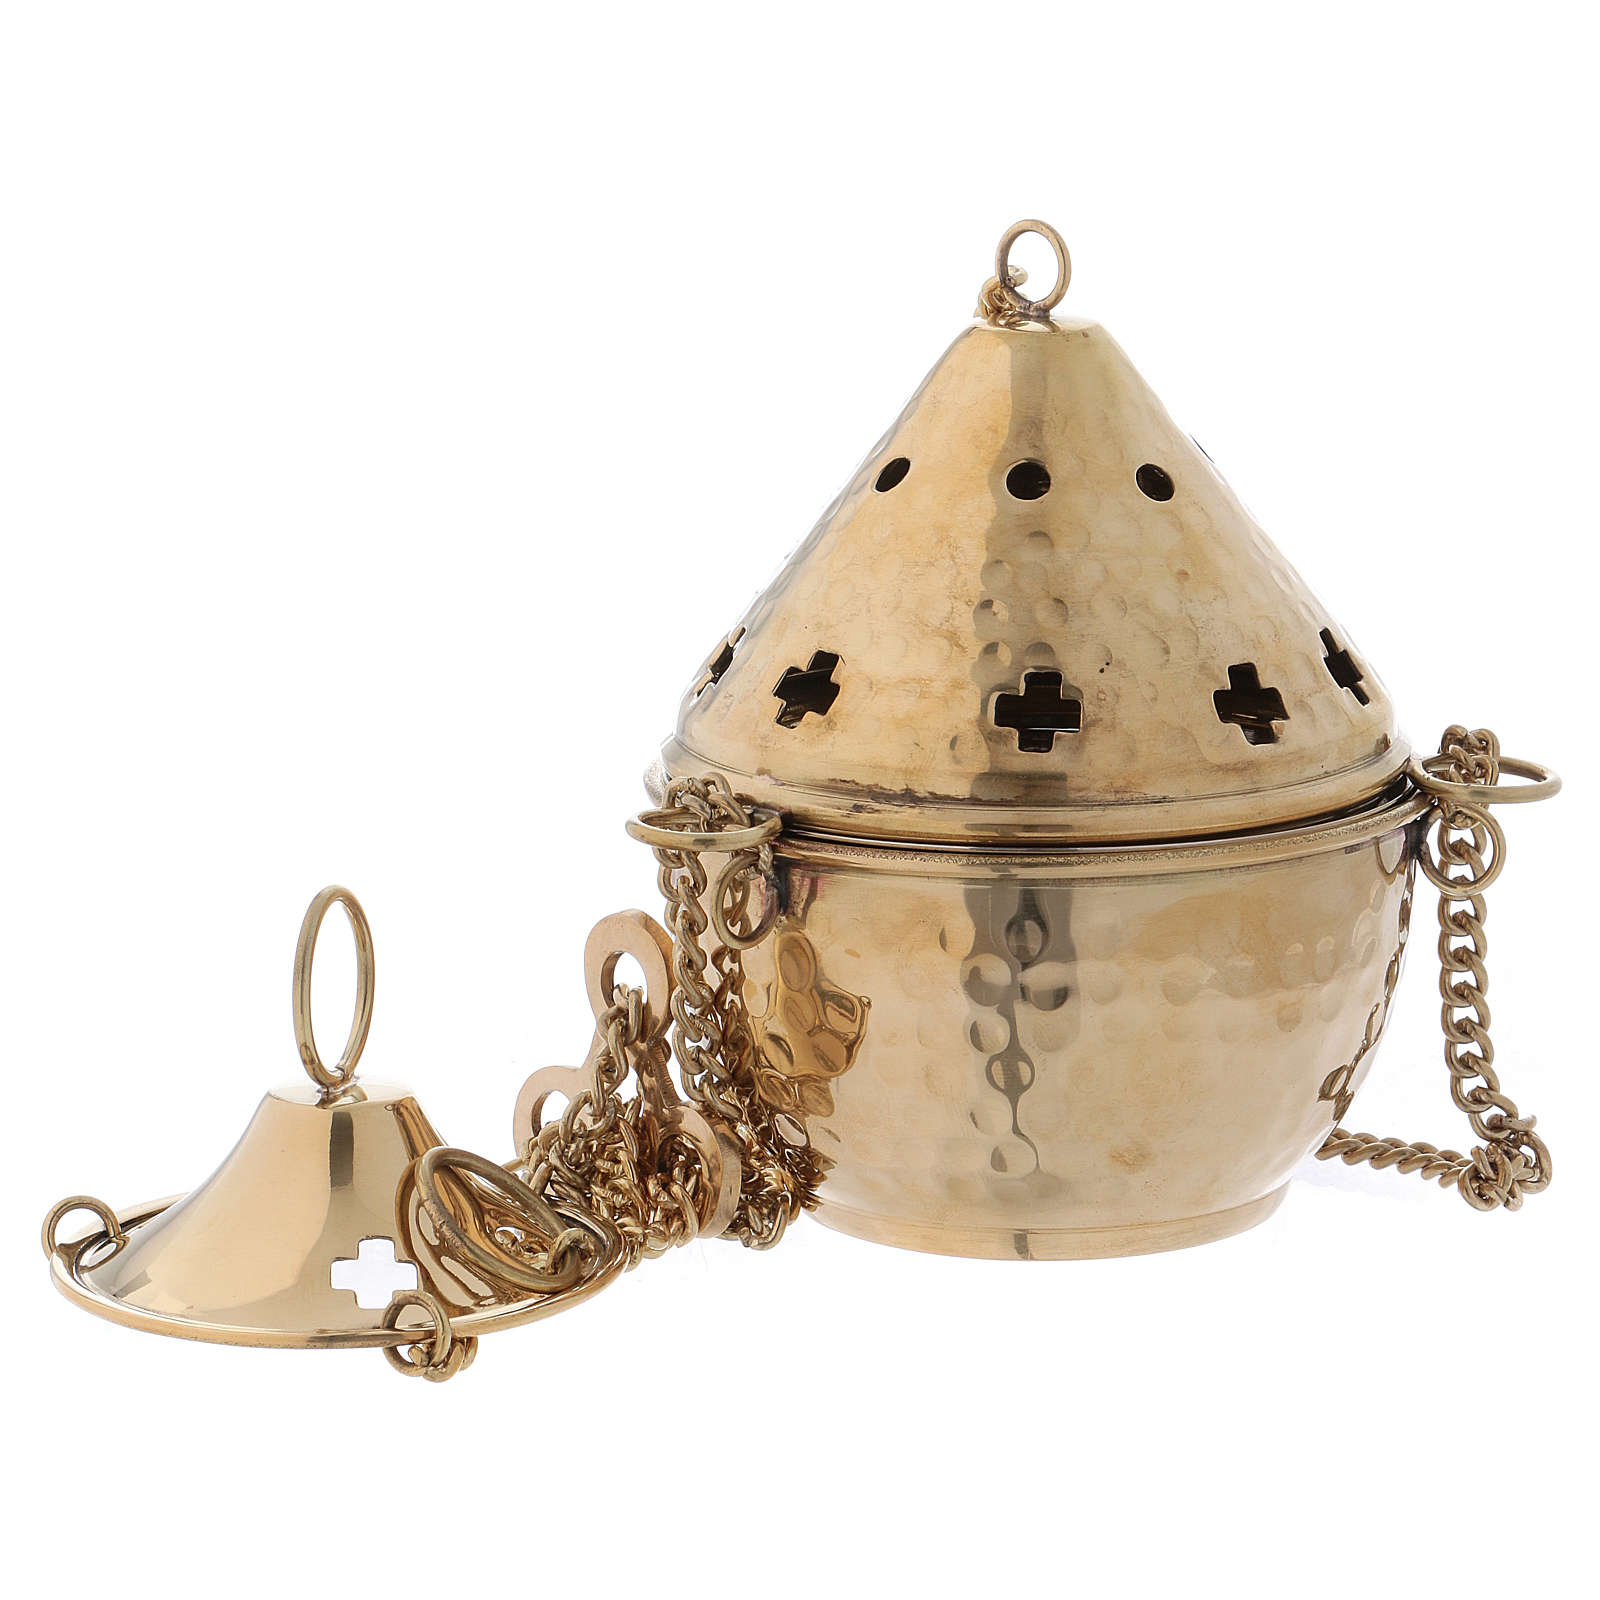 Turibolo ottone dorato martellato fori a croce h. 14 cm 3